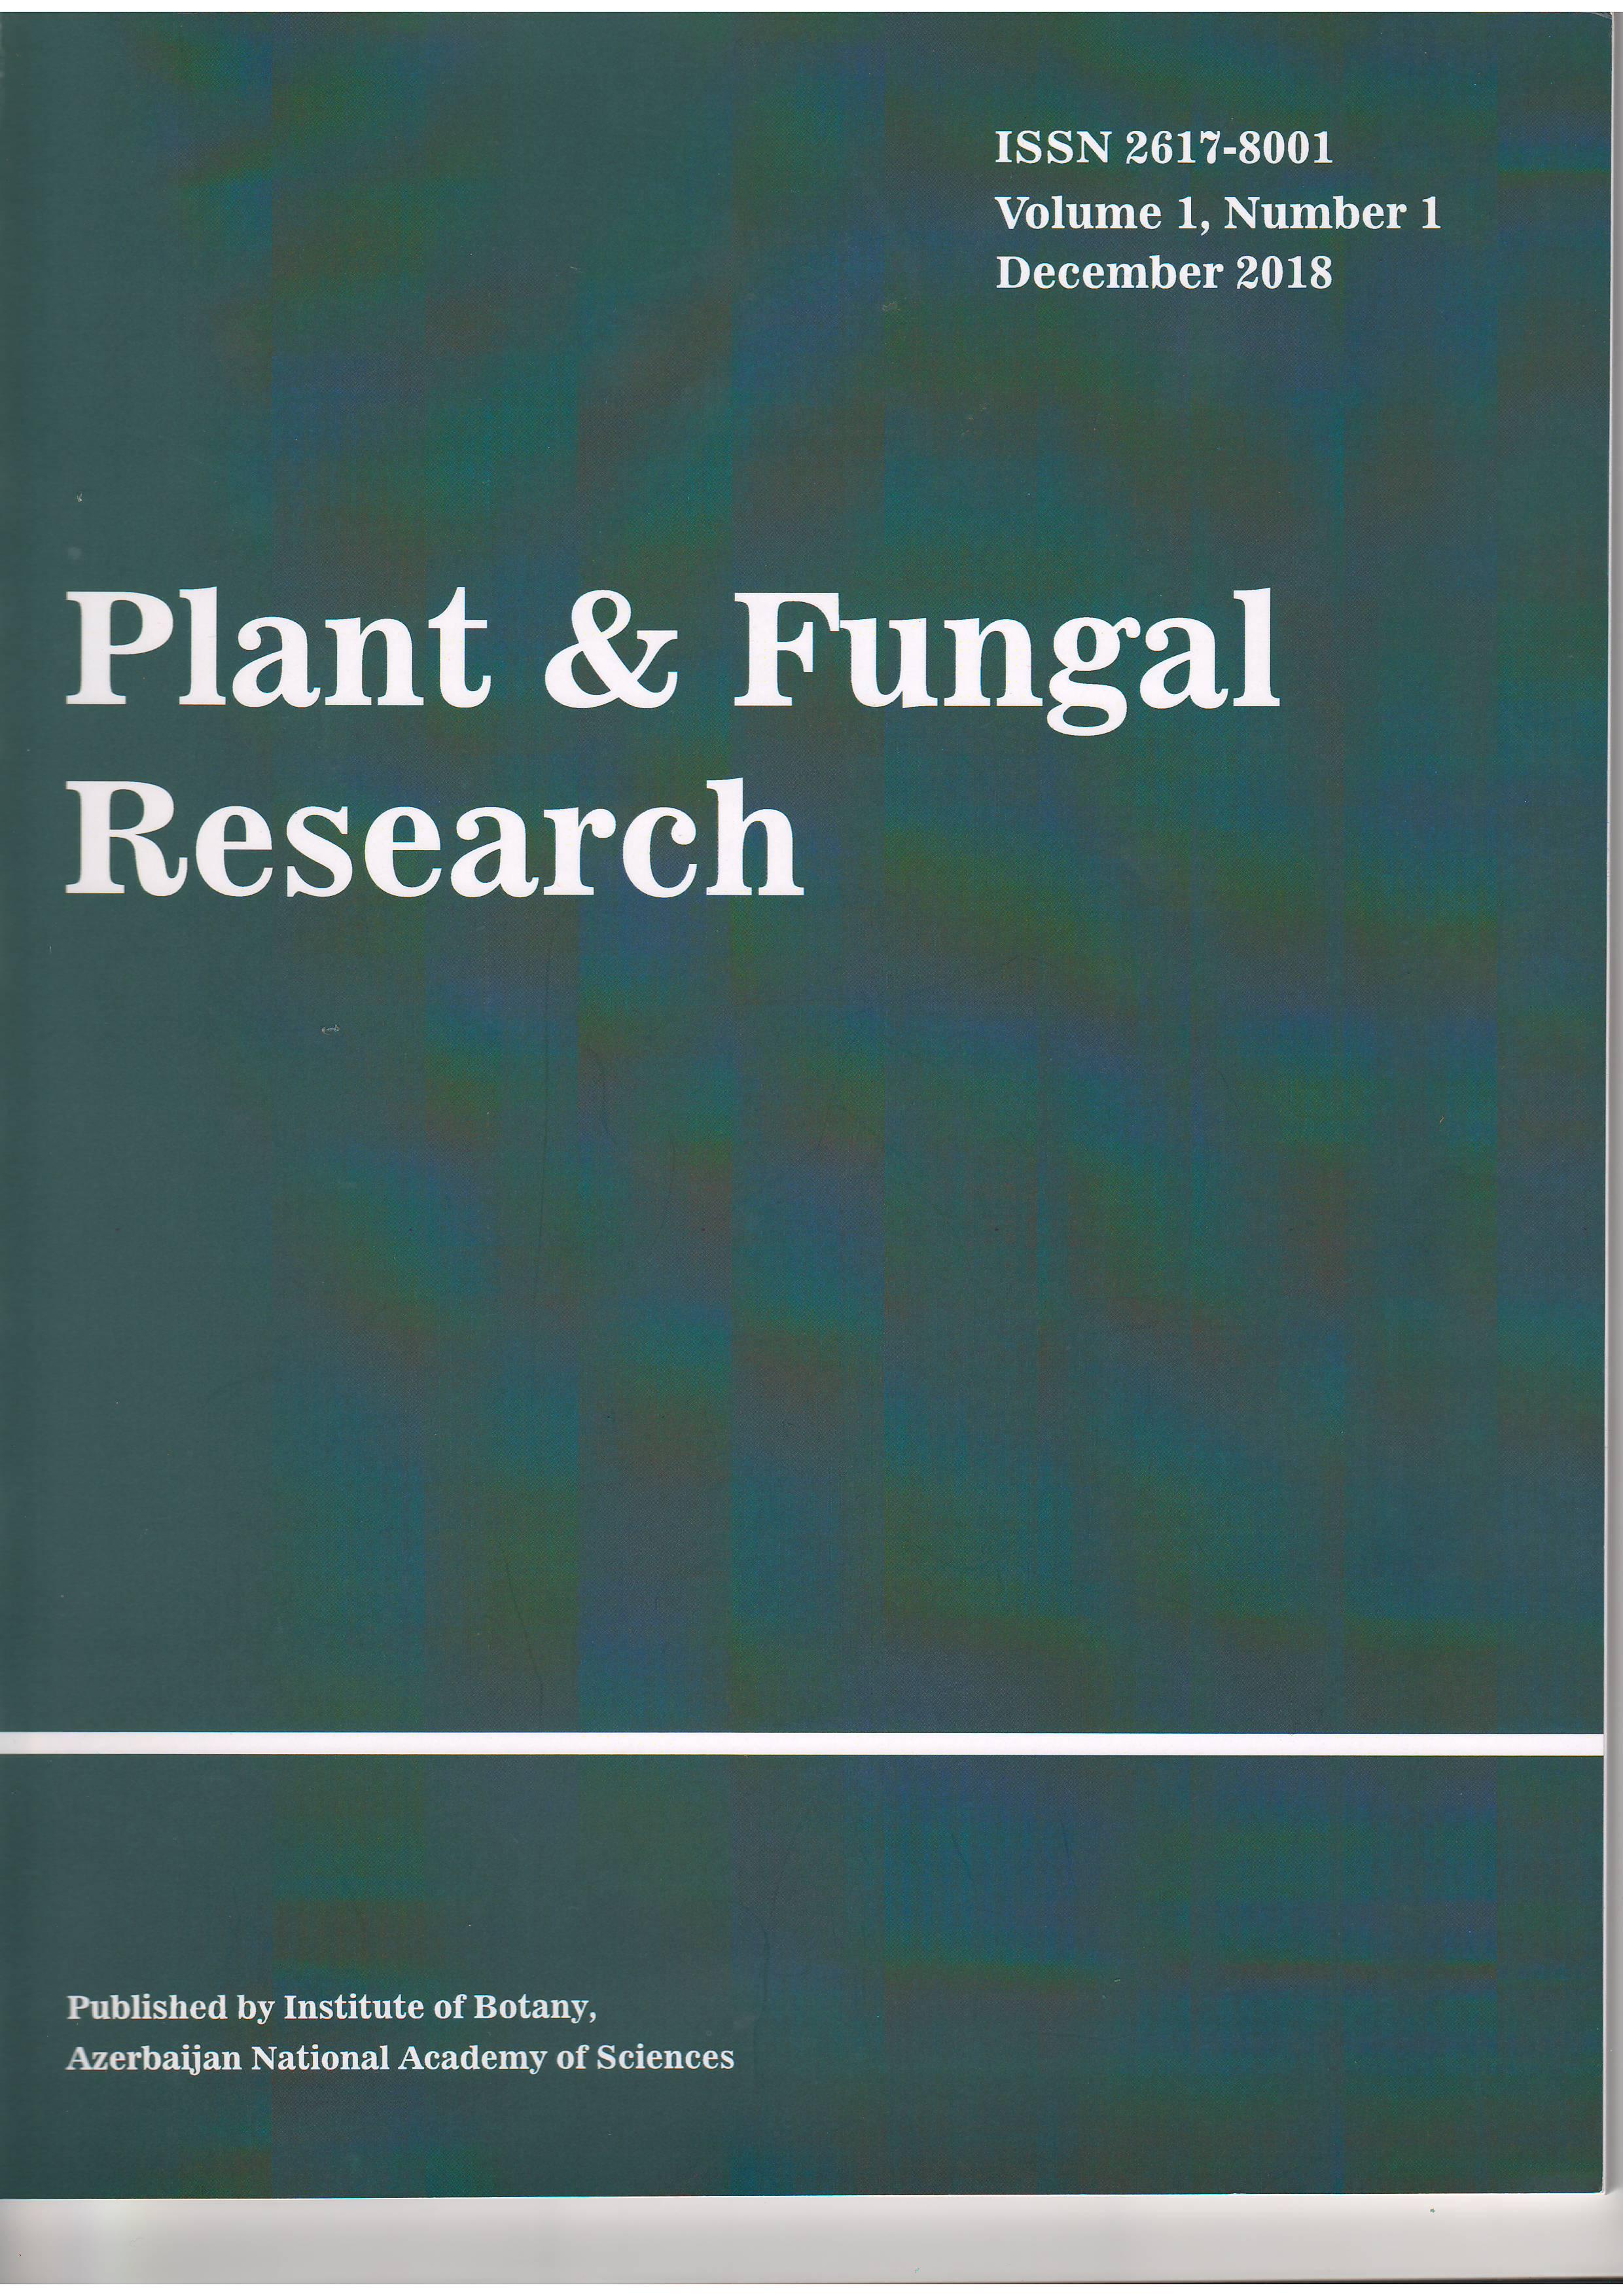 """AMEA Botanika İnstitutunun """"Plant & Fungal Research"""" adlı beynəlxalq jurnalının ilk nömrəsi çap olunub"""